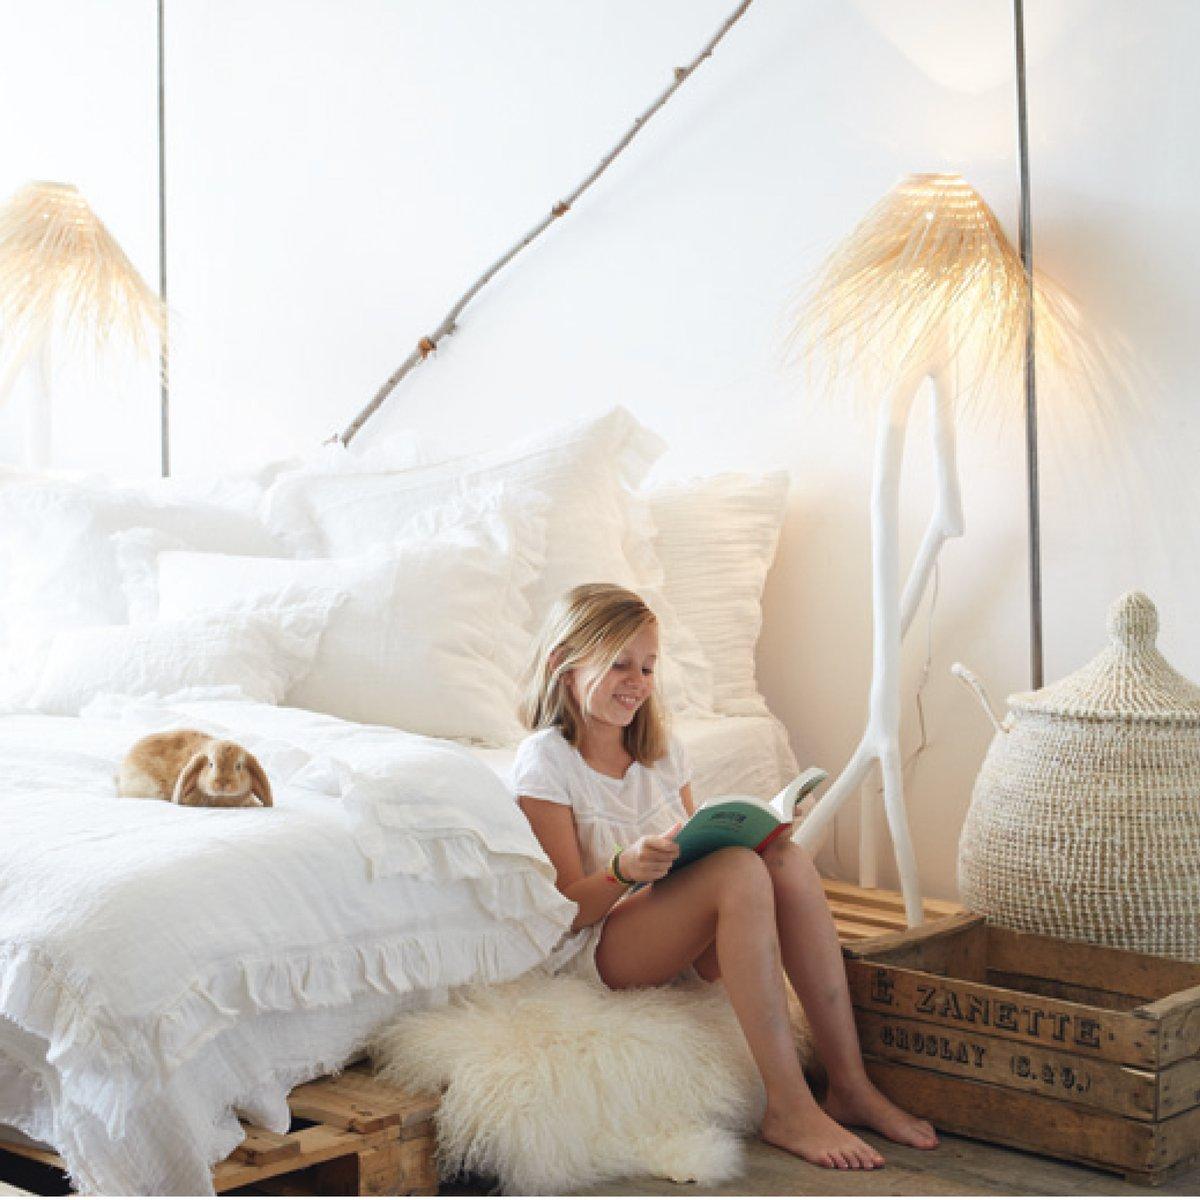 Maison de vacances linge de lit bed linen - Maison de vacances linge ...